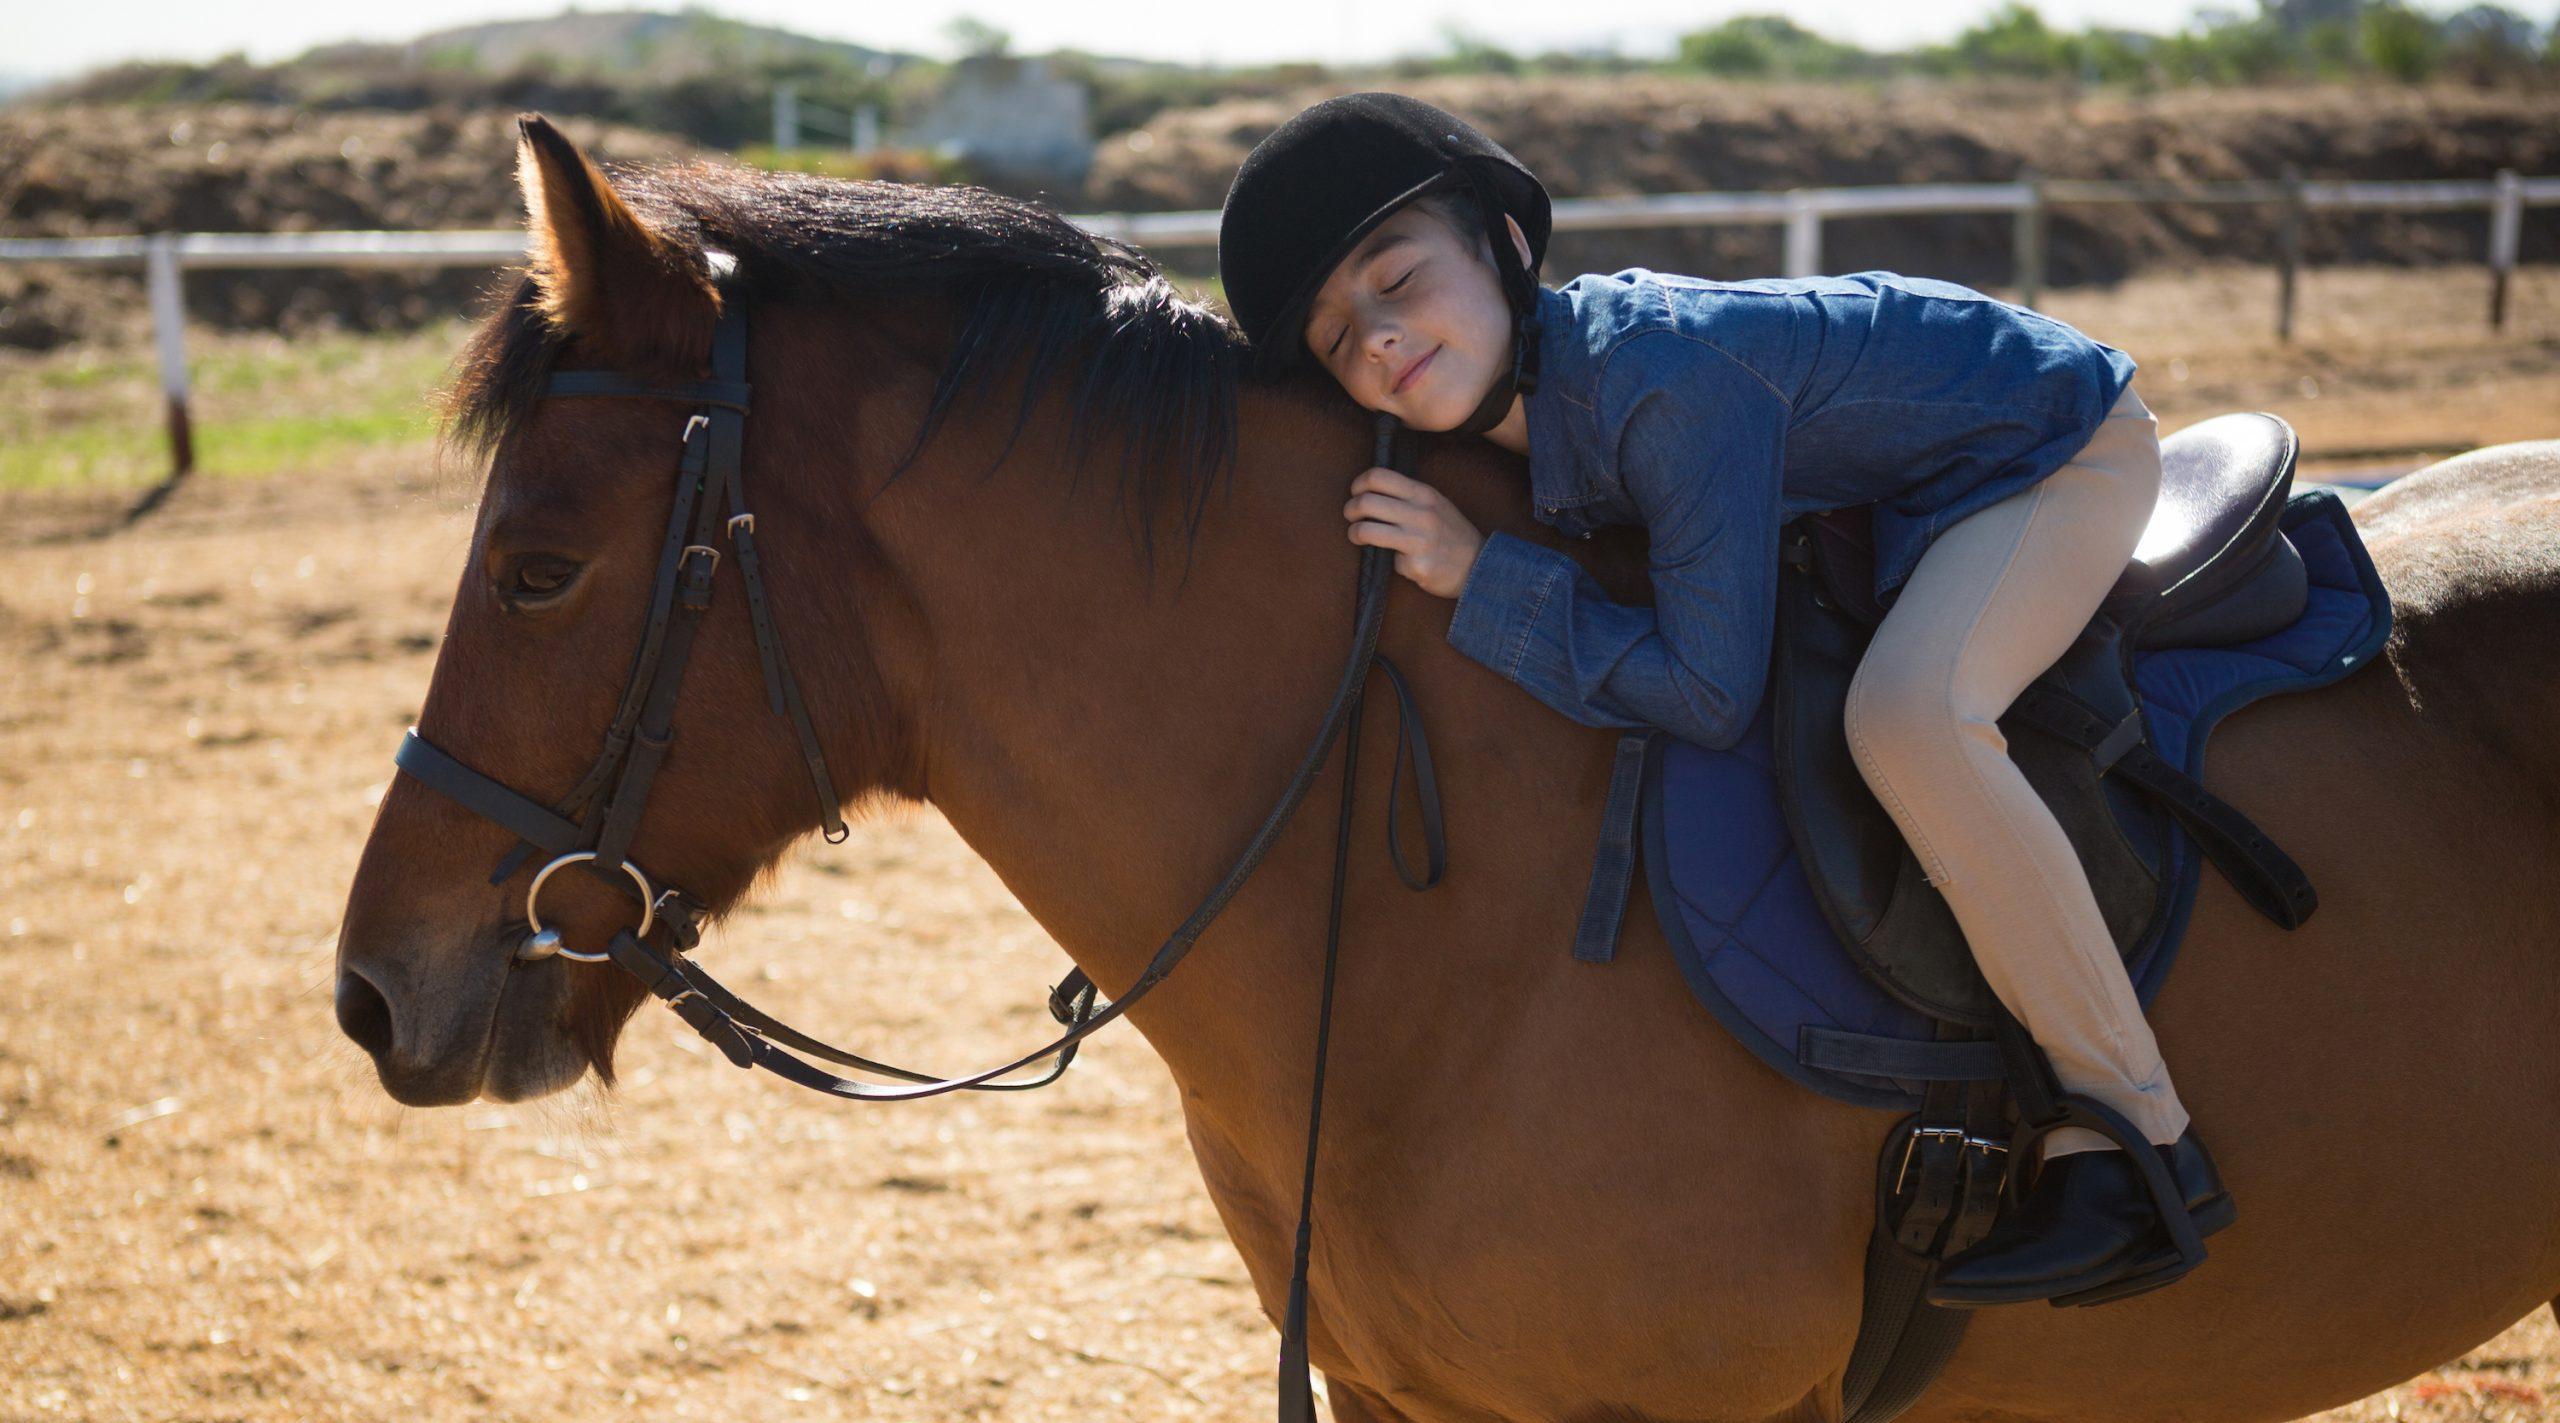 Arzt untersucht krankes Pferd